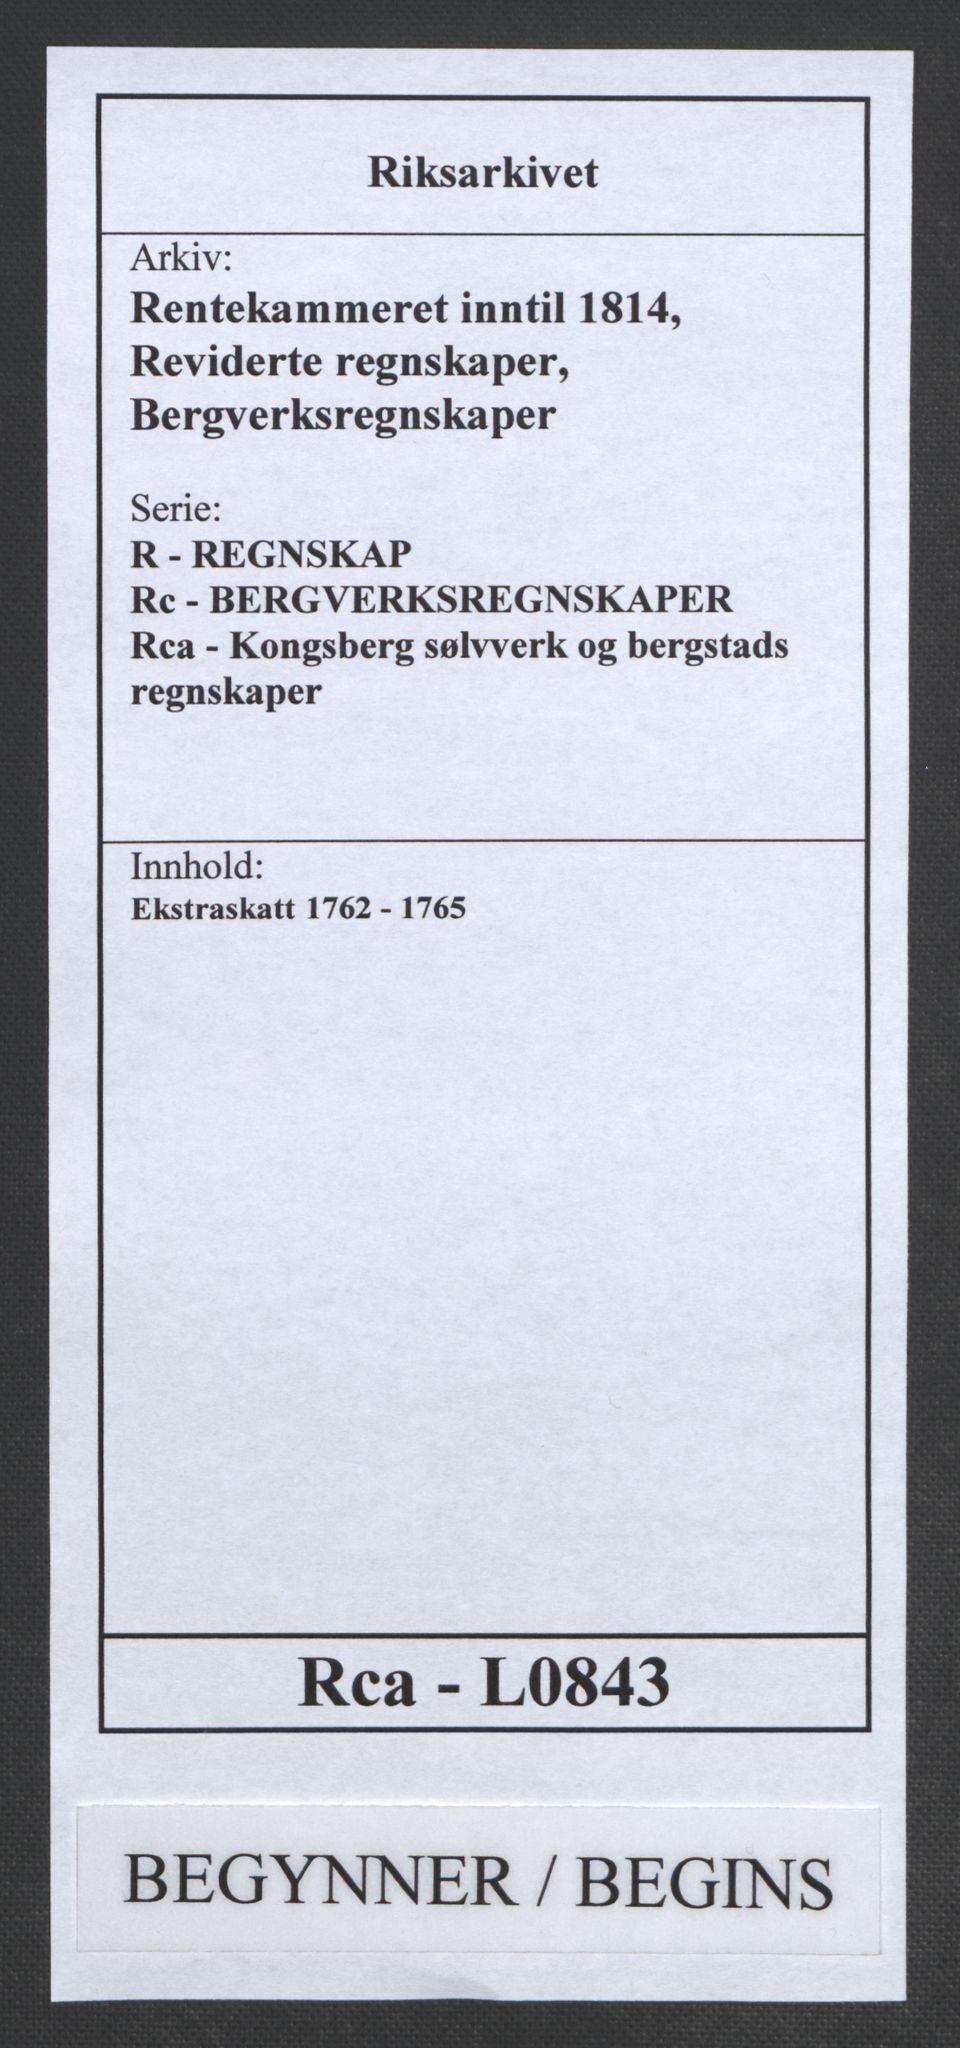 RA, Rentekammeret inntil 1814, Reviderte regnskaper, Bergverksregnskaper, R/Rc/Rca/L0843: Ekstraskatt, 1762-1765, s. 1